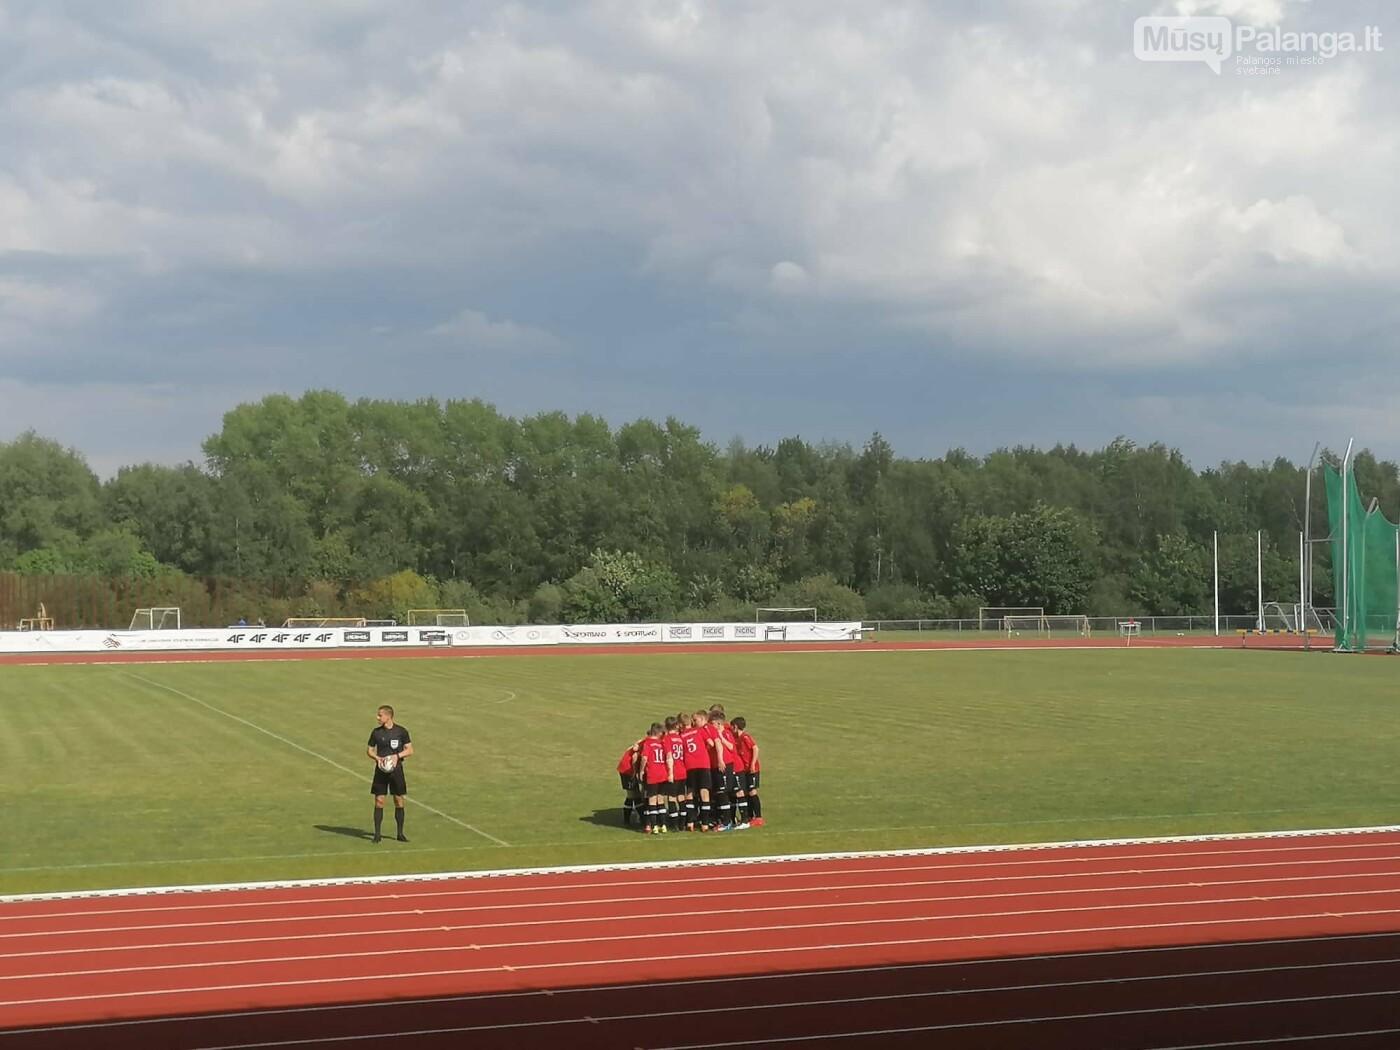 Įspūdingas Lietuvos jaunučių čempionato U-13 varžybos: Palanga įsūdė Plungei net 8 įvarčius , nuotrauka-3